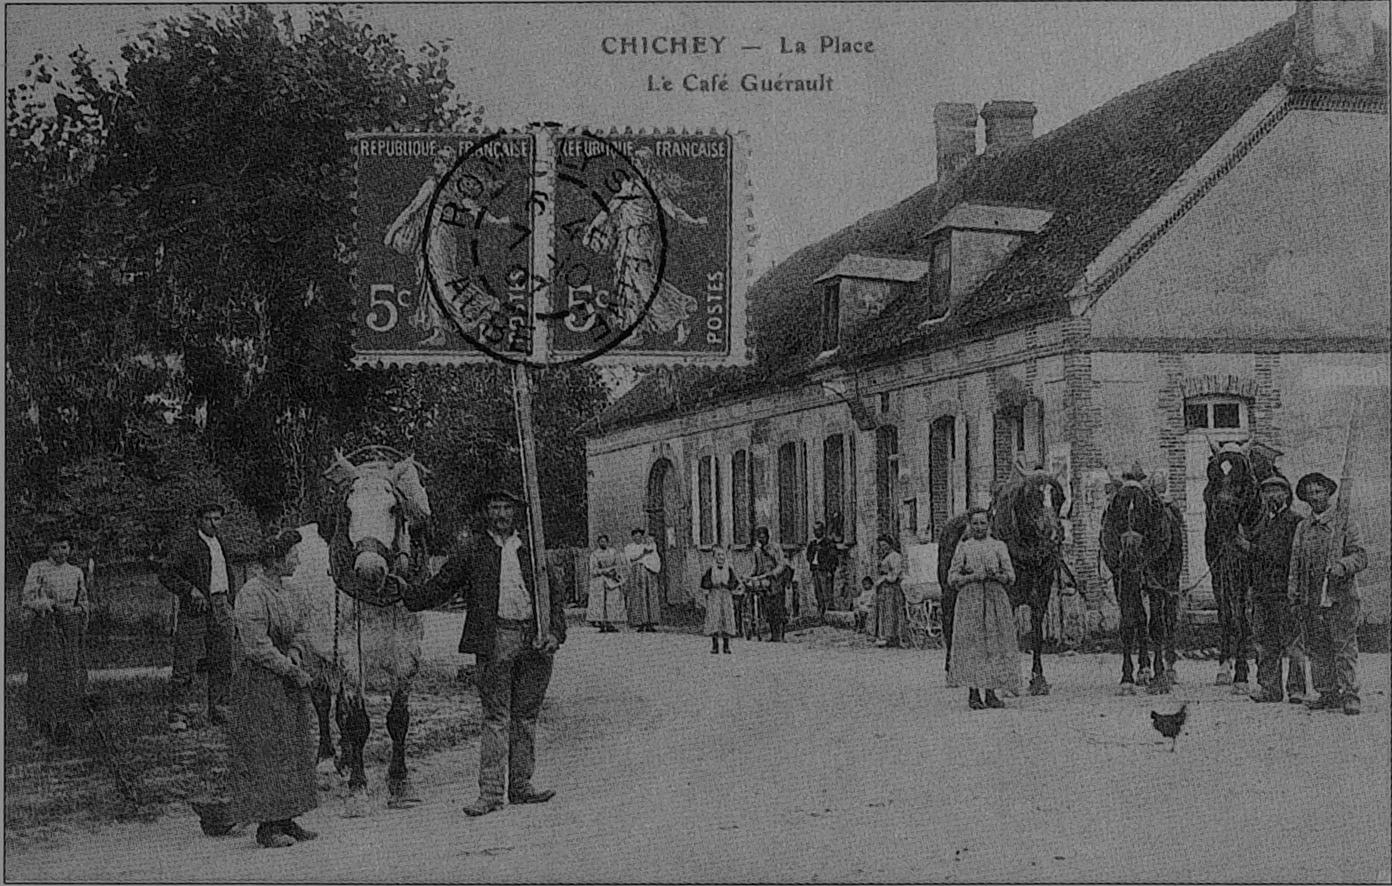 Chichey